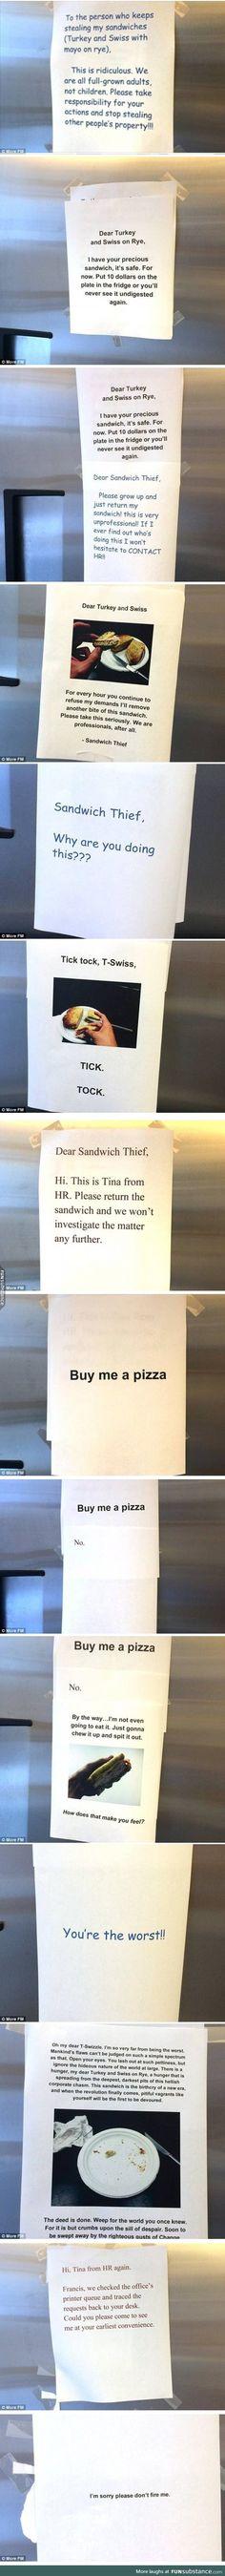 A Sandwich Thief